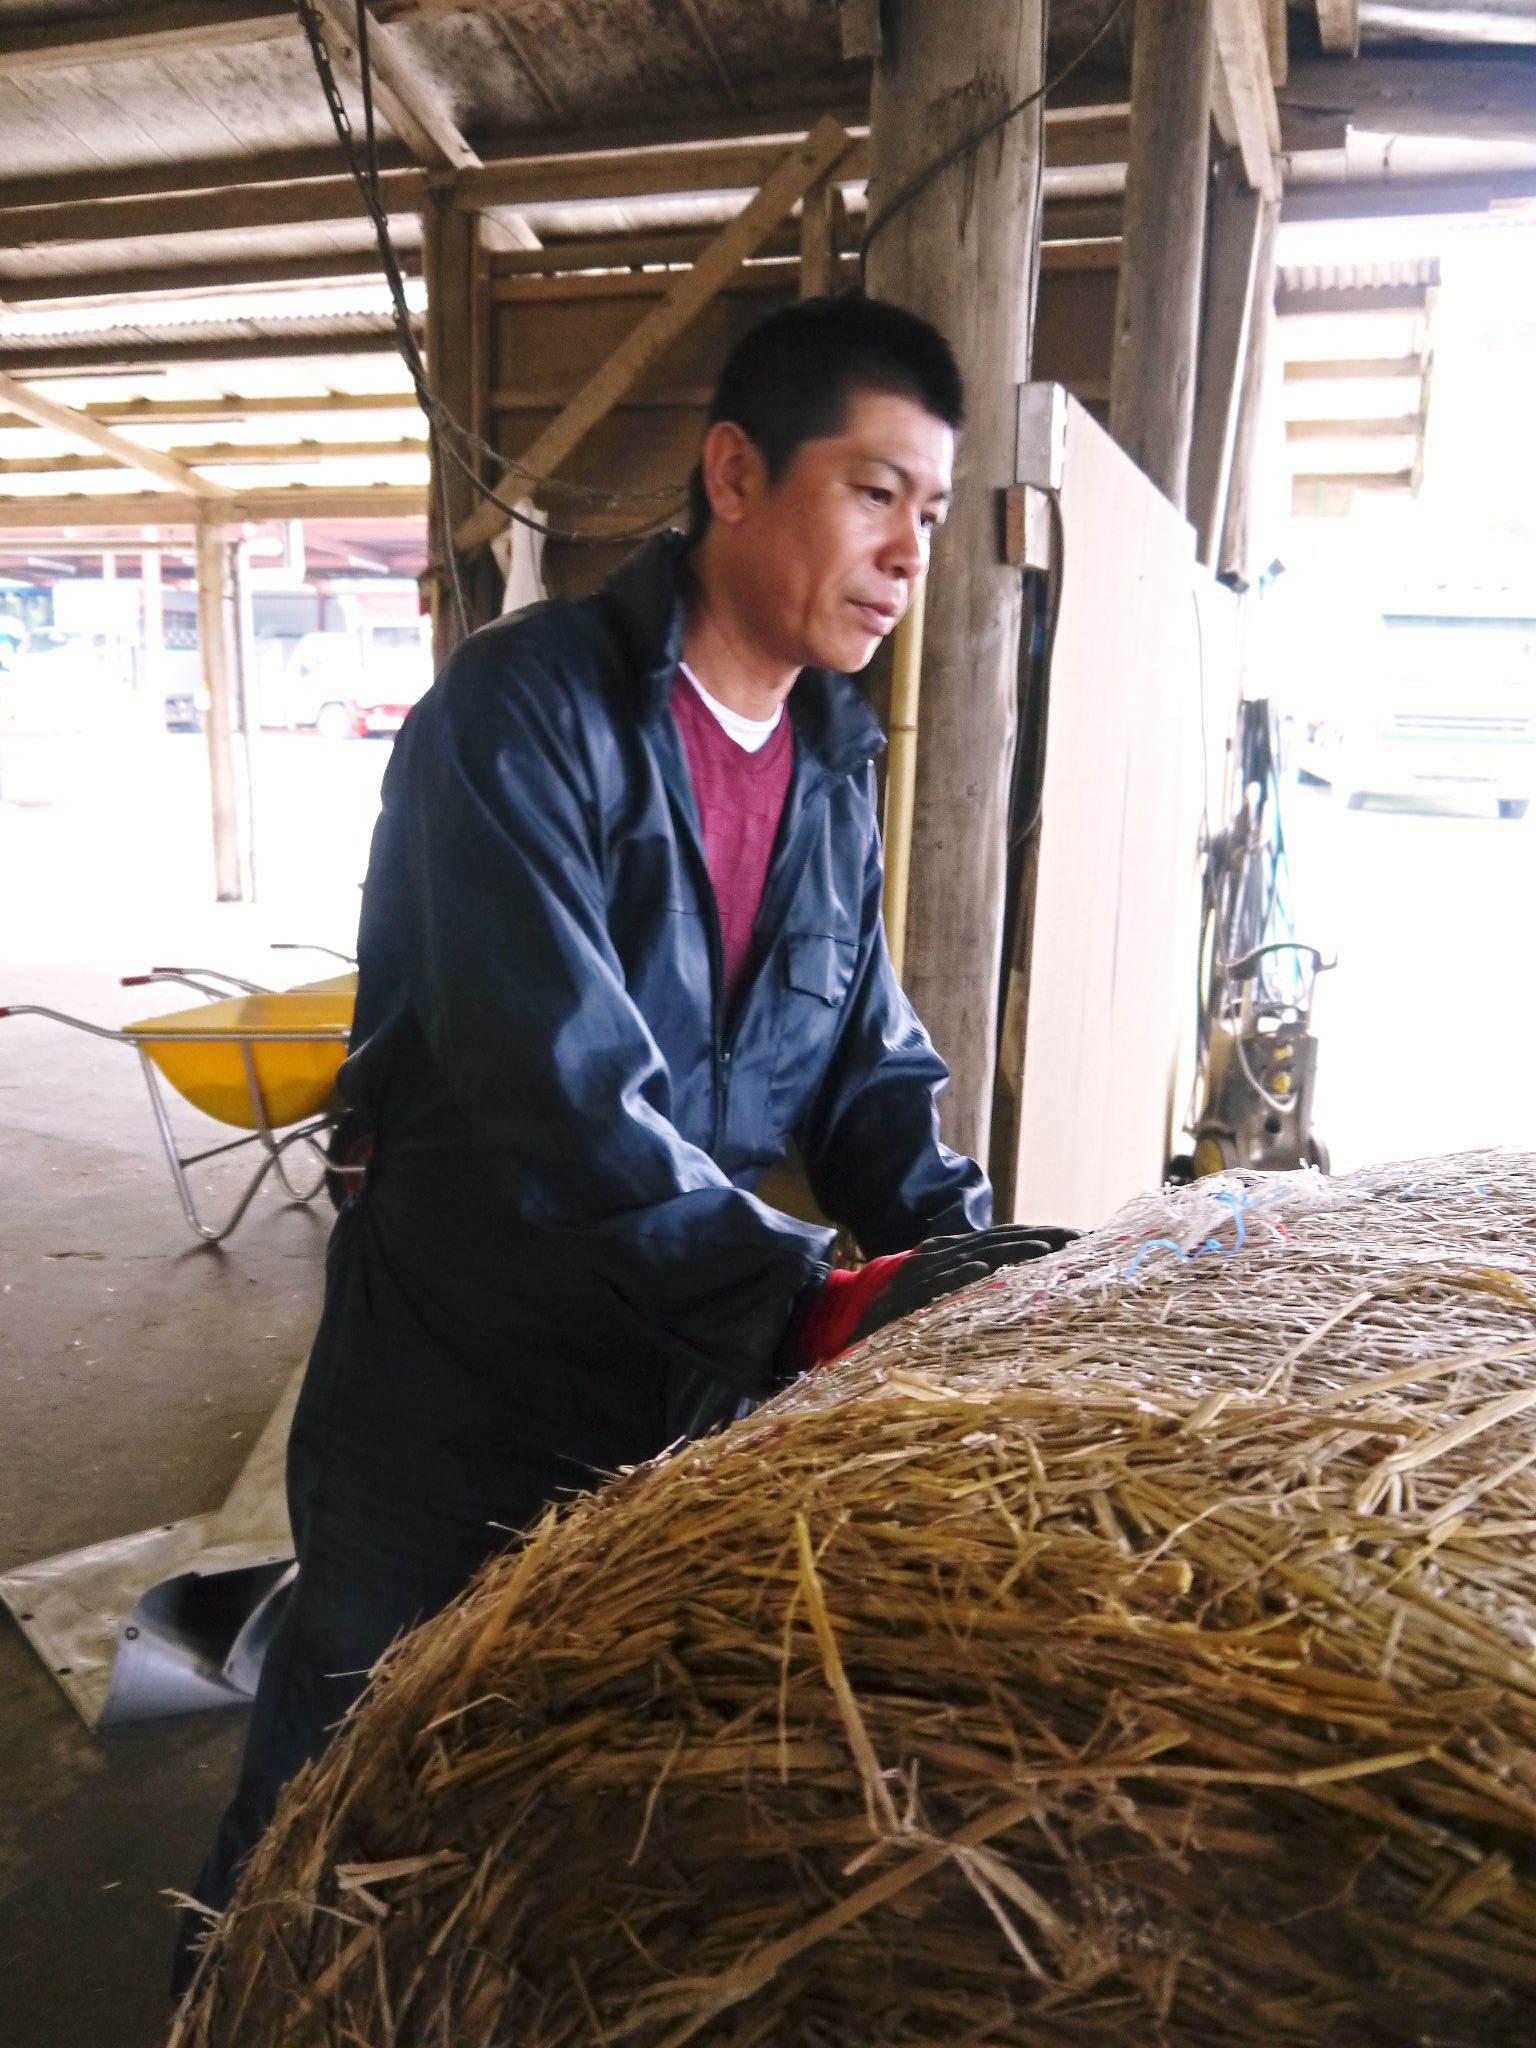 熊本県産黒毛和牛の精肉販売に向けて 「中野畜産」の牧場を現地取材!こだわりのエサについて!_a0254656_17050796.jpg